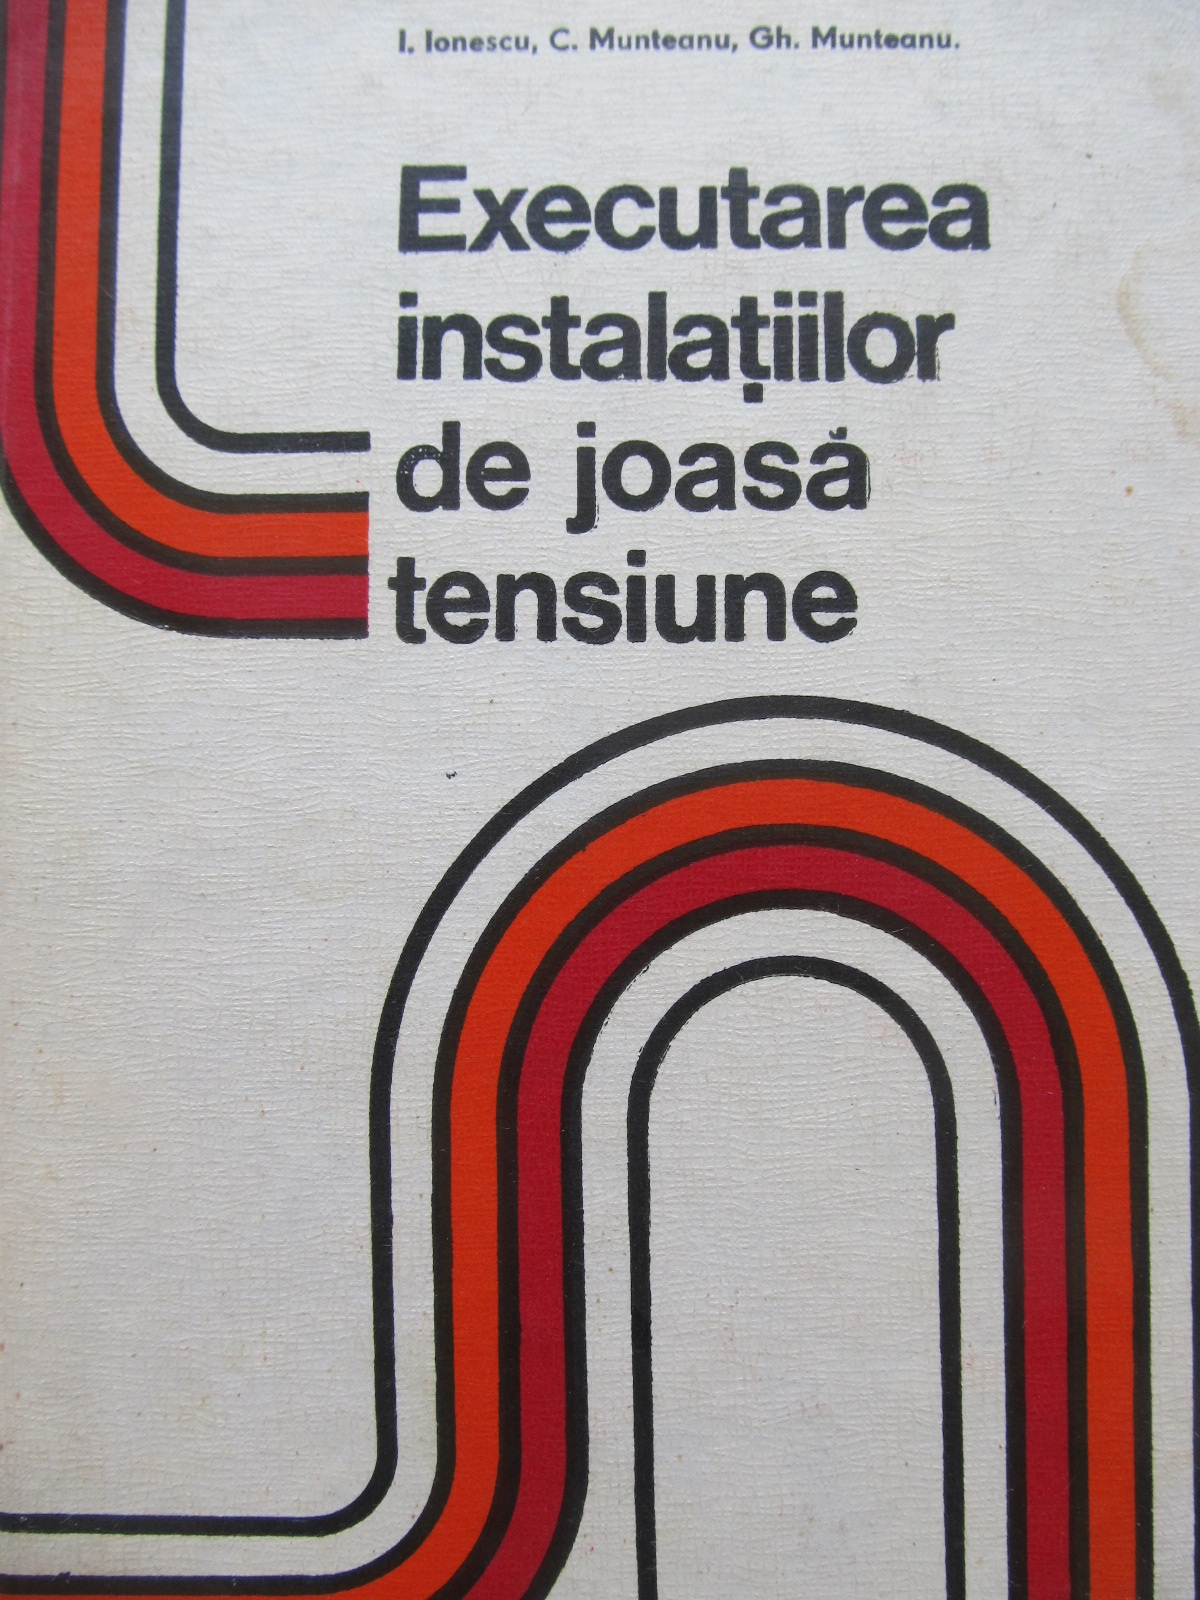 Executarea instalatiilor de joasa tensiune [1] - Ion Ionescu , C. Munteanu , Gh. Munteanu | Detalii carte